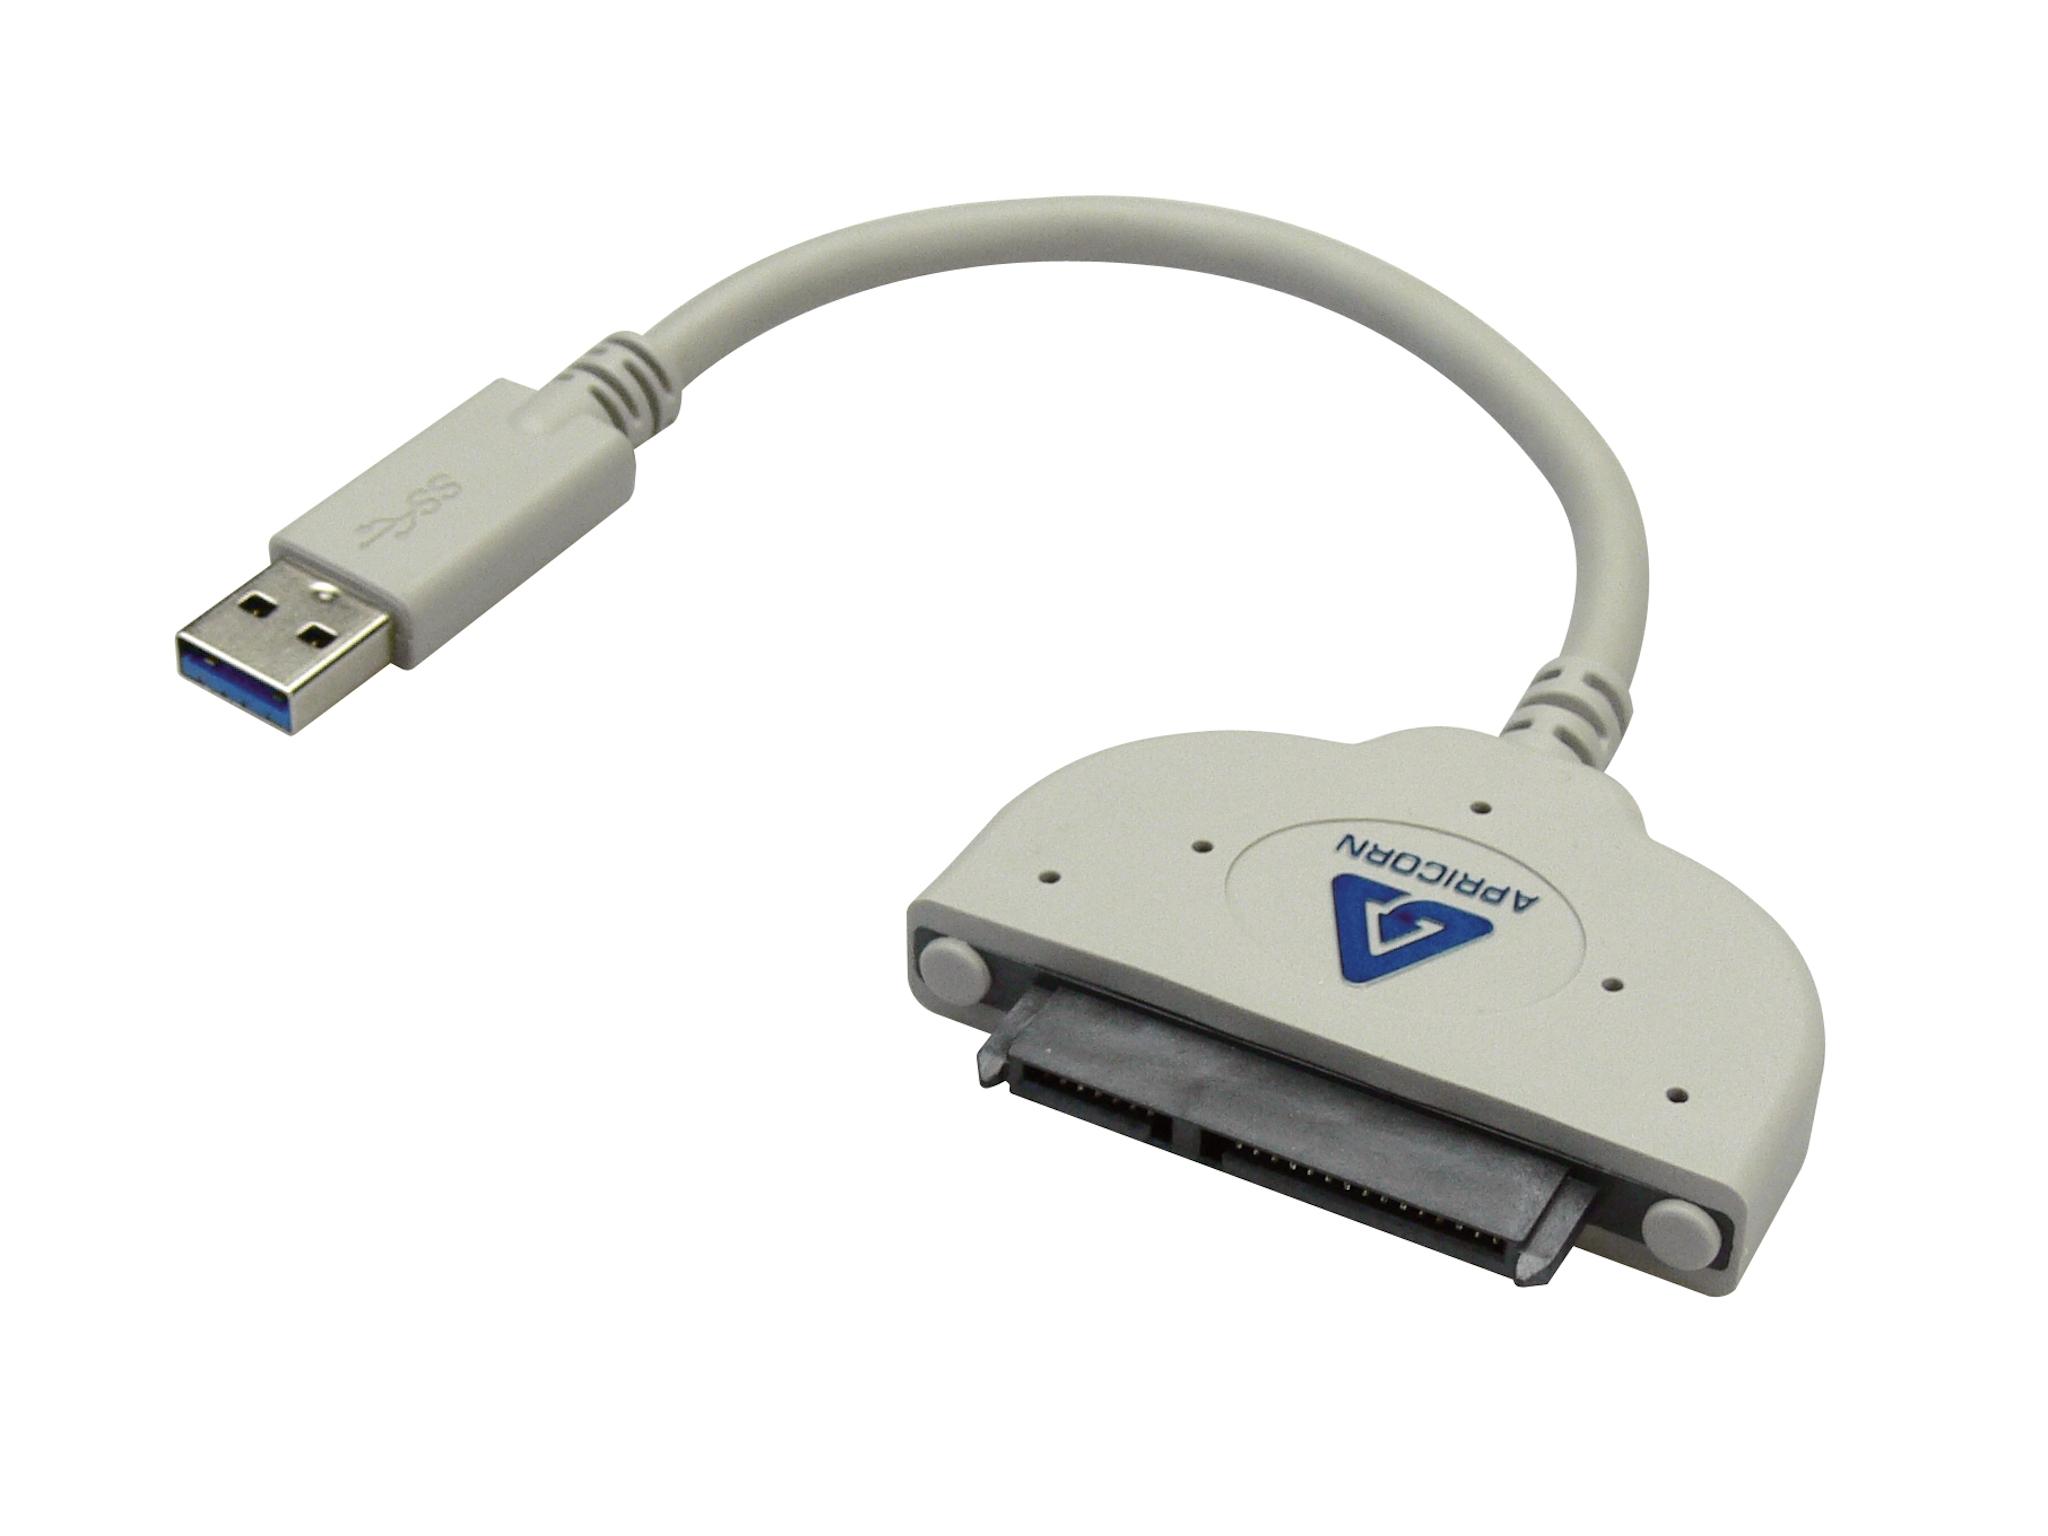 SANDBERG USB 3.0 Hard Disk Clone Cable USB 3.0 zu SATA 2.5Zoll HDD oder SSD direkt Verbindung Apricorn Klonsoftware inkludiert